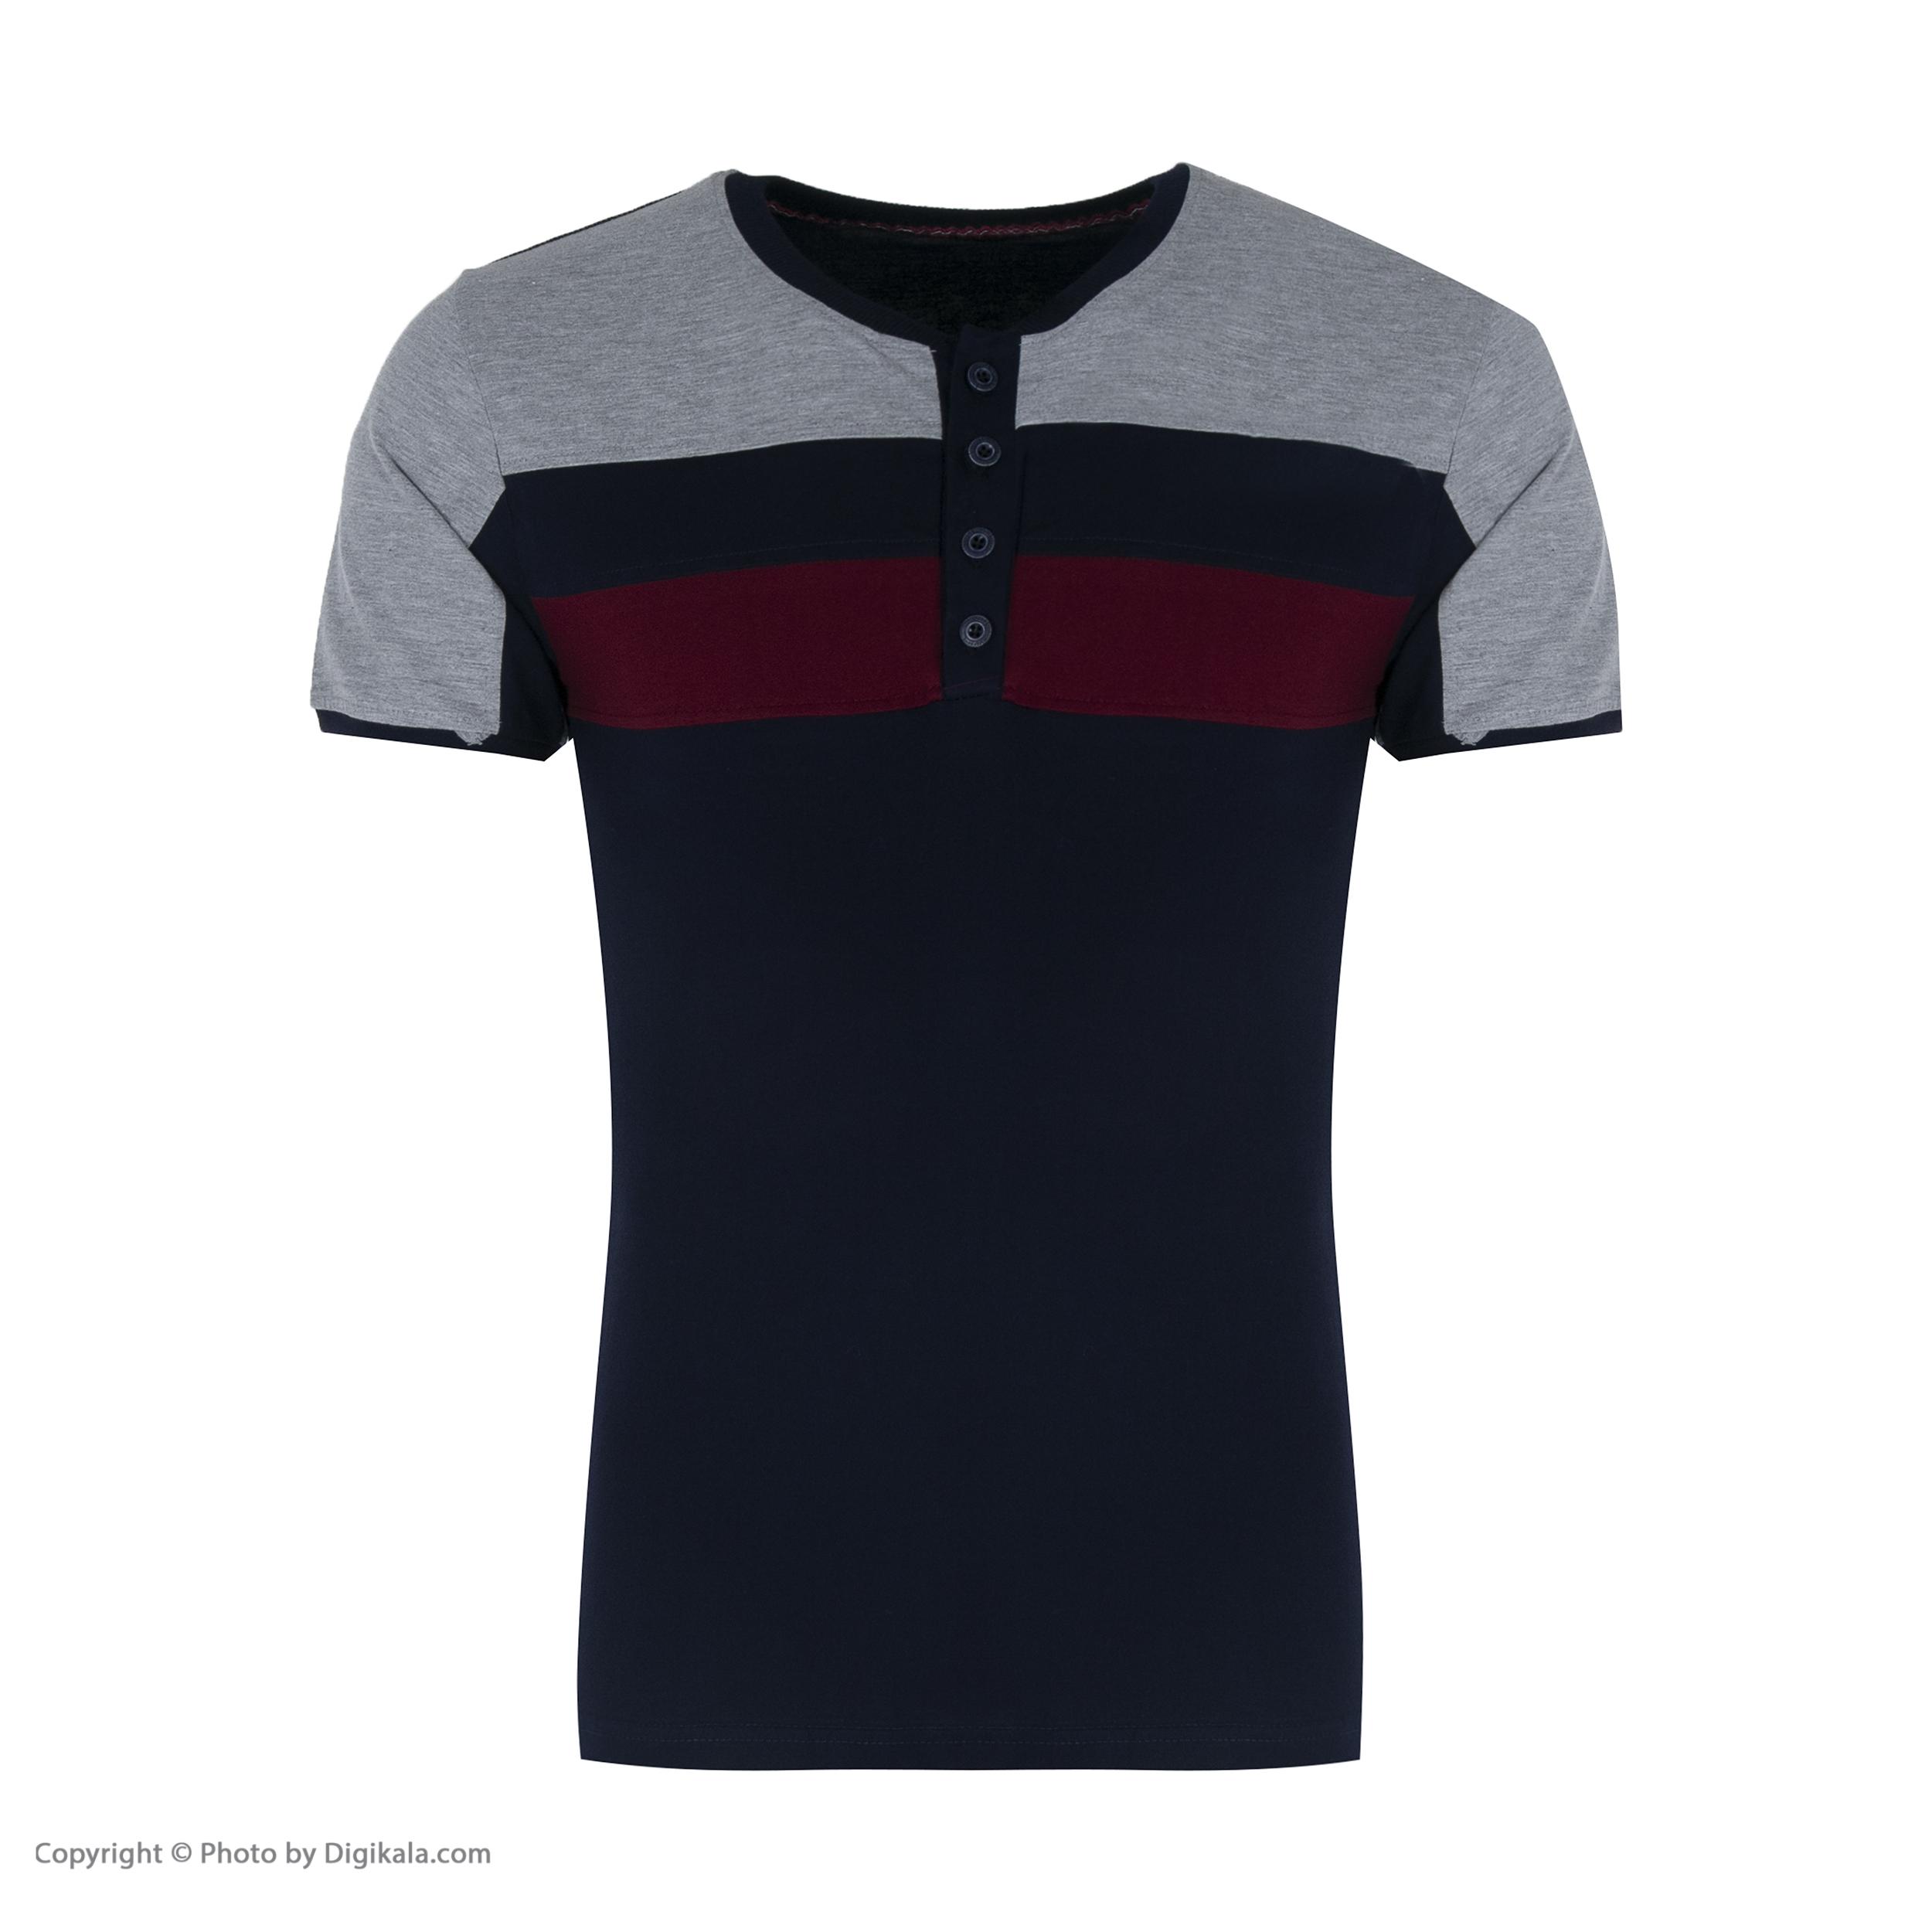 ست تی شرت و شلوار مردانه آسوده کد 0240 رنگ مشکی -  - 8